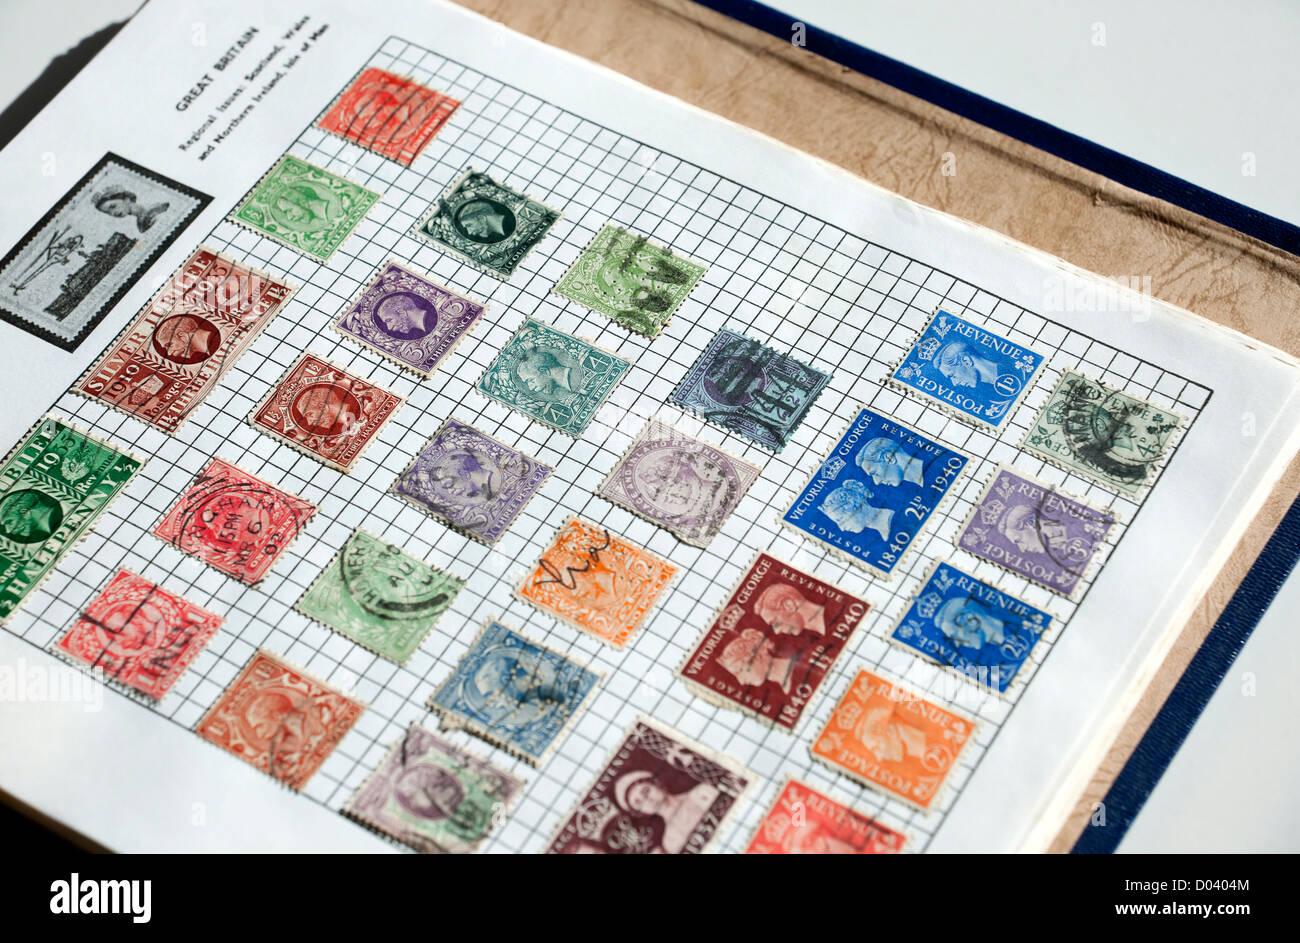 Página de sellos británica en el álbum Inglaterra Reino Unido GB Gran Bretaña Imagen De Stock